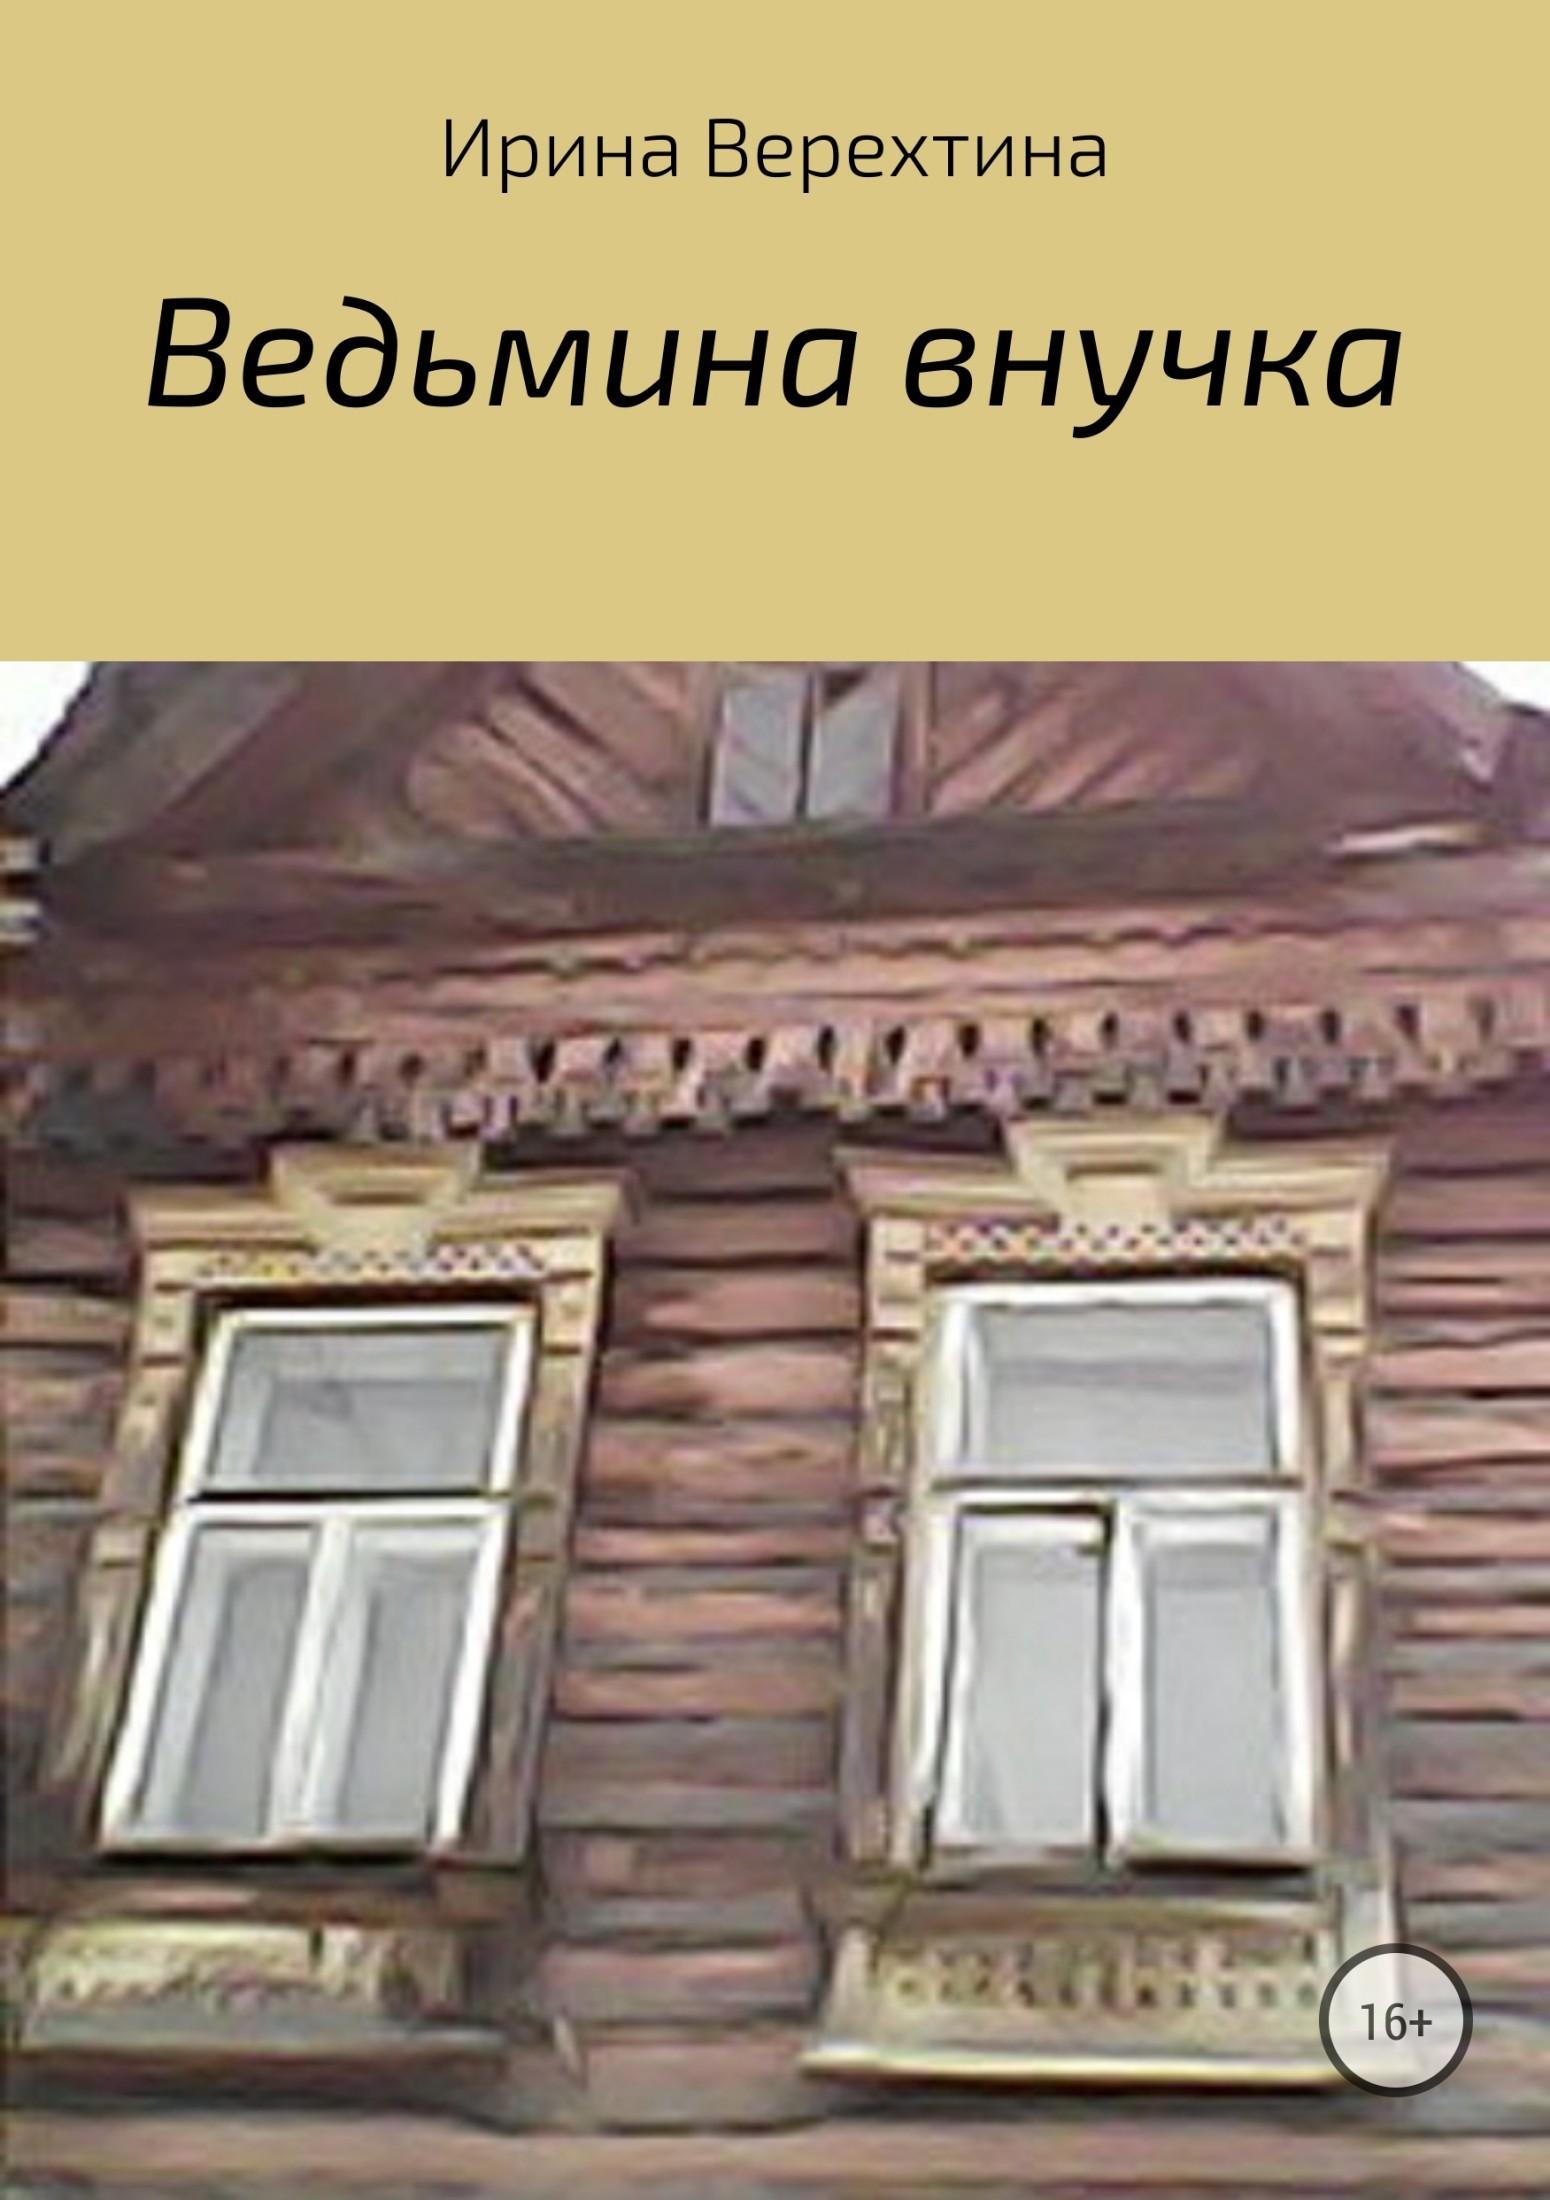 Ведьмина внучка_Ирина Верехтина